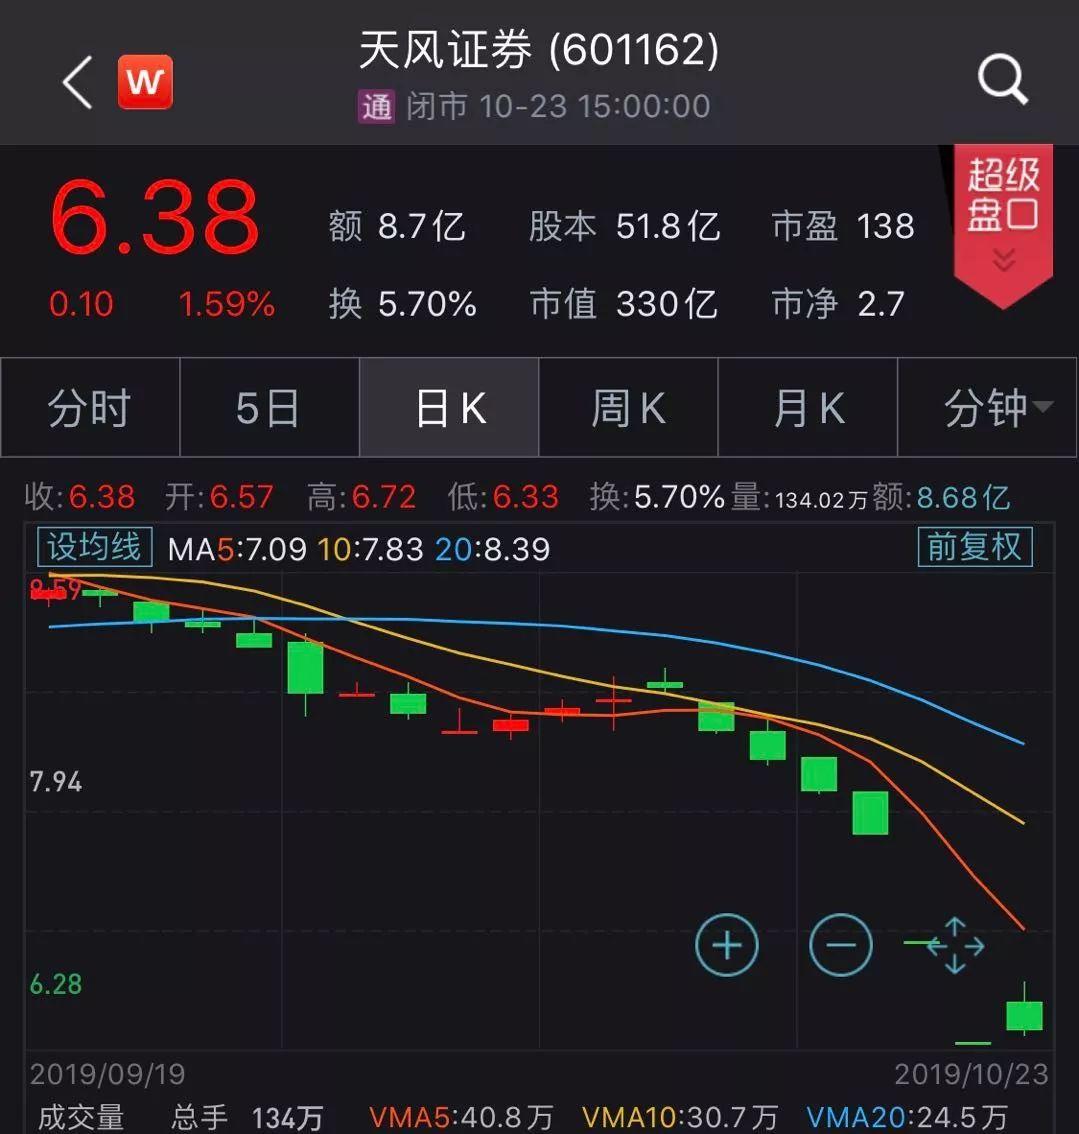 淘彩娱乐场手机下载 - 银河期货:宏观风险可抵御 伦铜修复性反弹